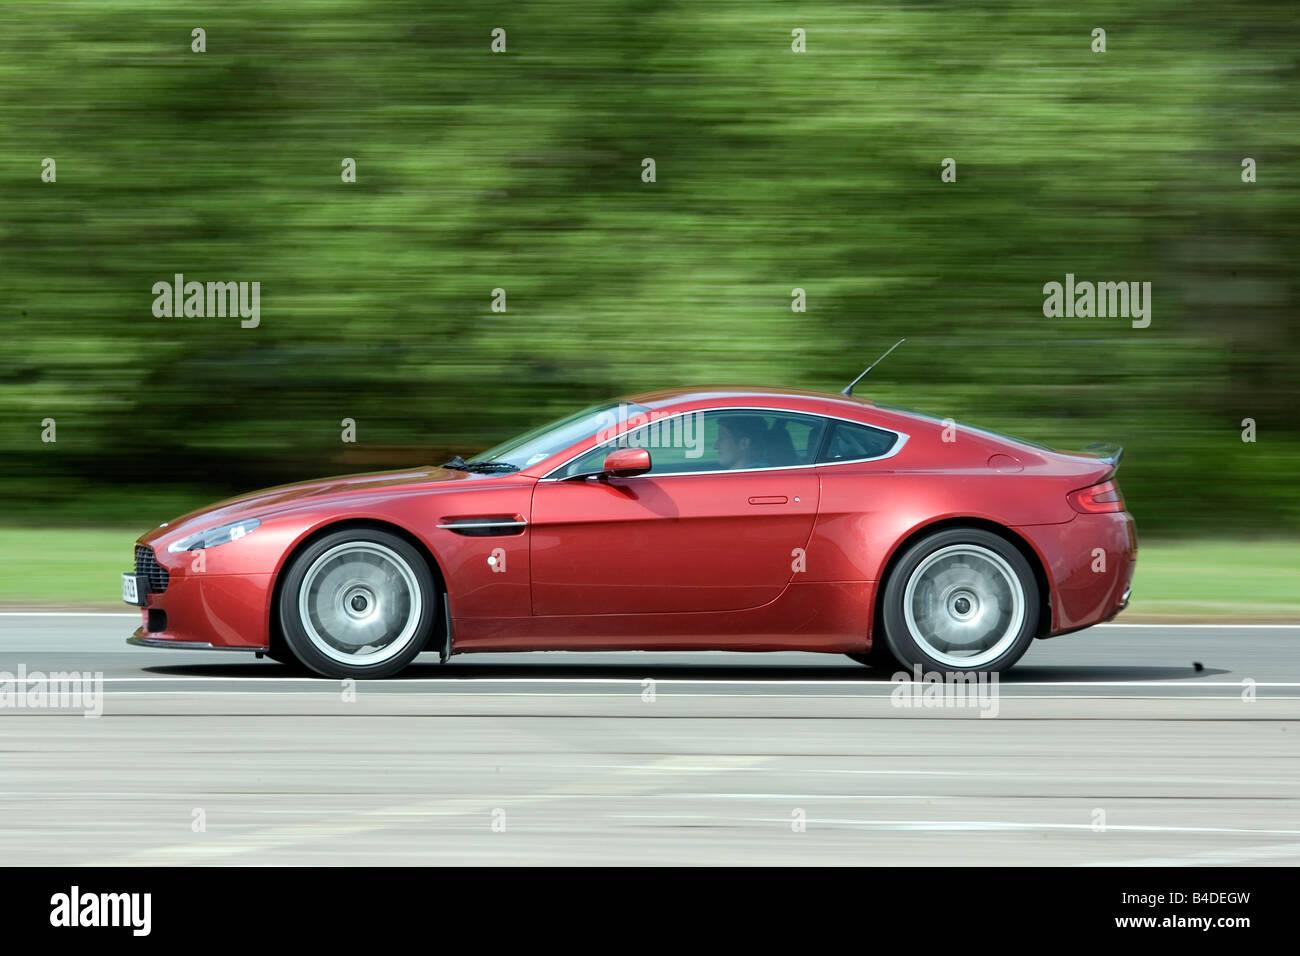 Aston Martin V8 Vantage Modell Jahr 2007 Rubinrot Gefärbt Fahren Seitenansicht Landstraße Stockfotografie Alamy